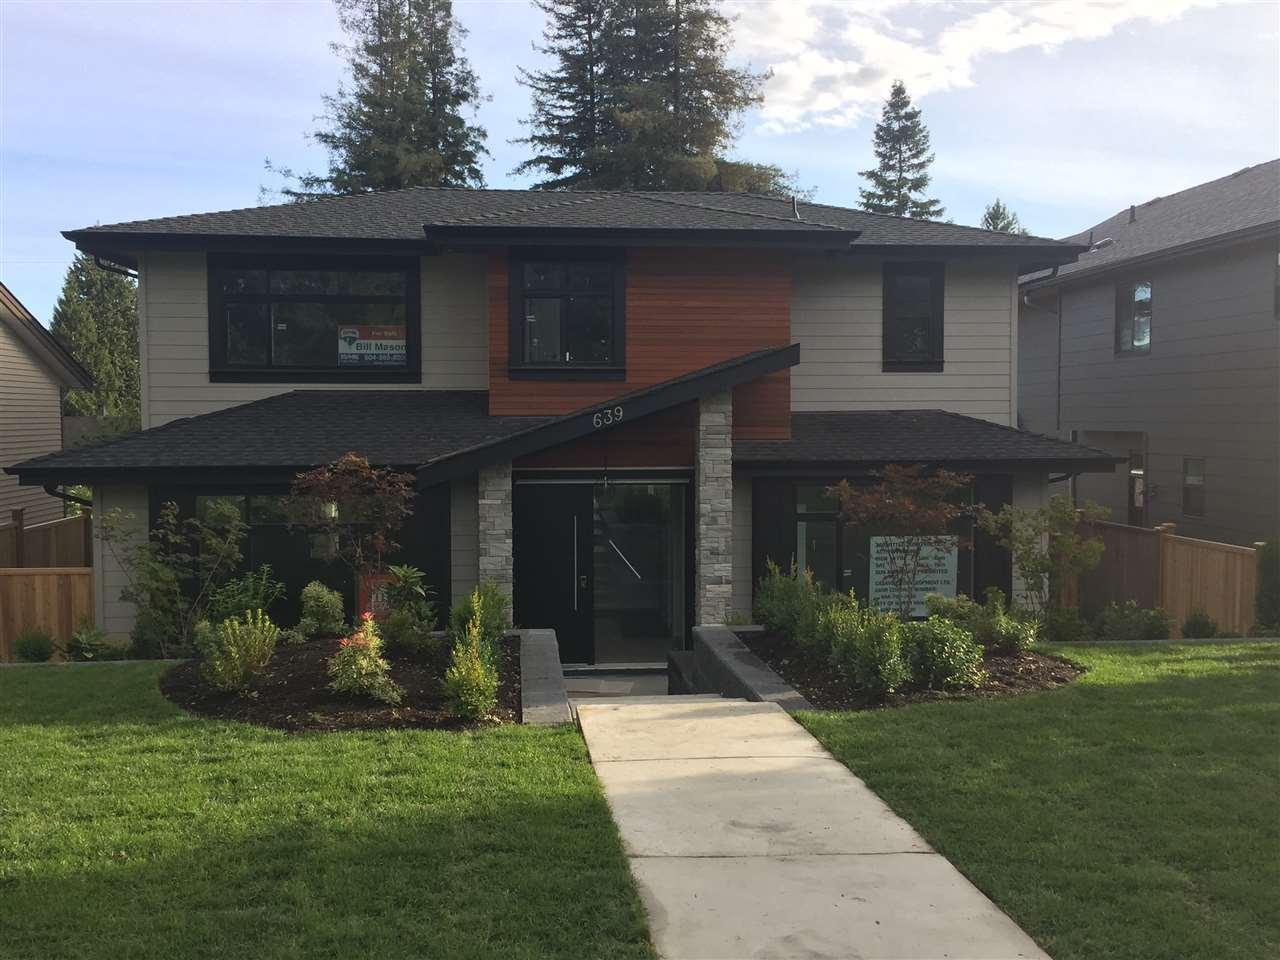 639 E 6TH STREET, North Vancouver, BC, V7L 1R4 Photo 1